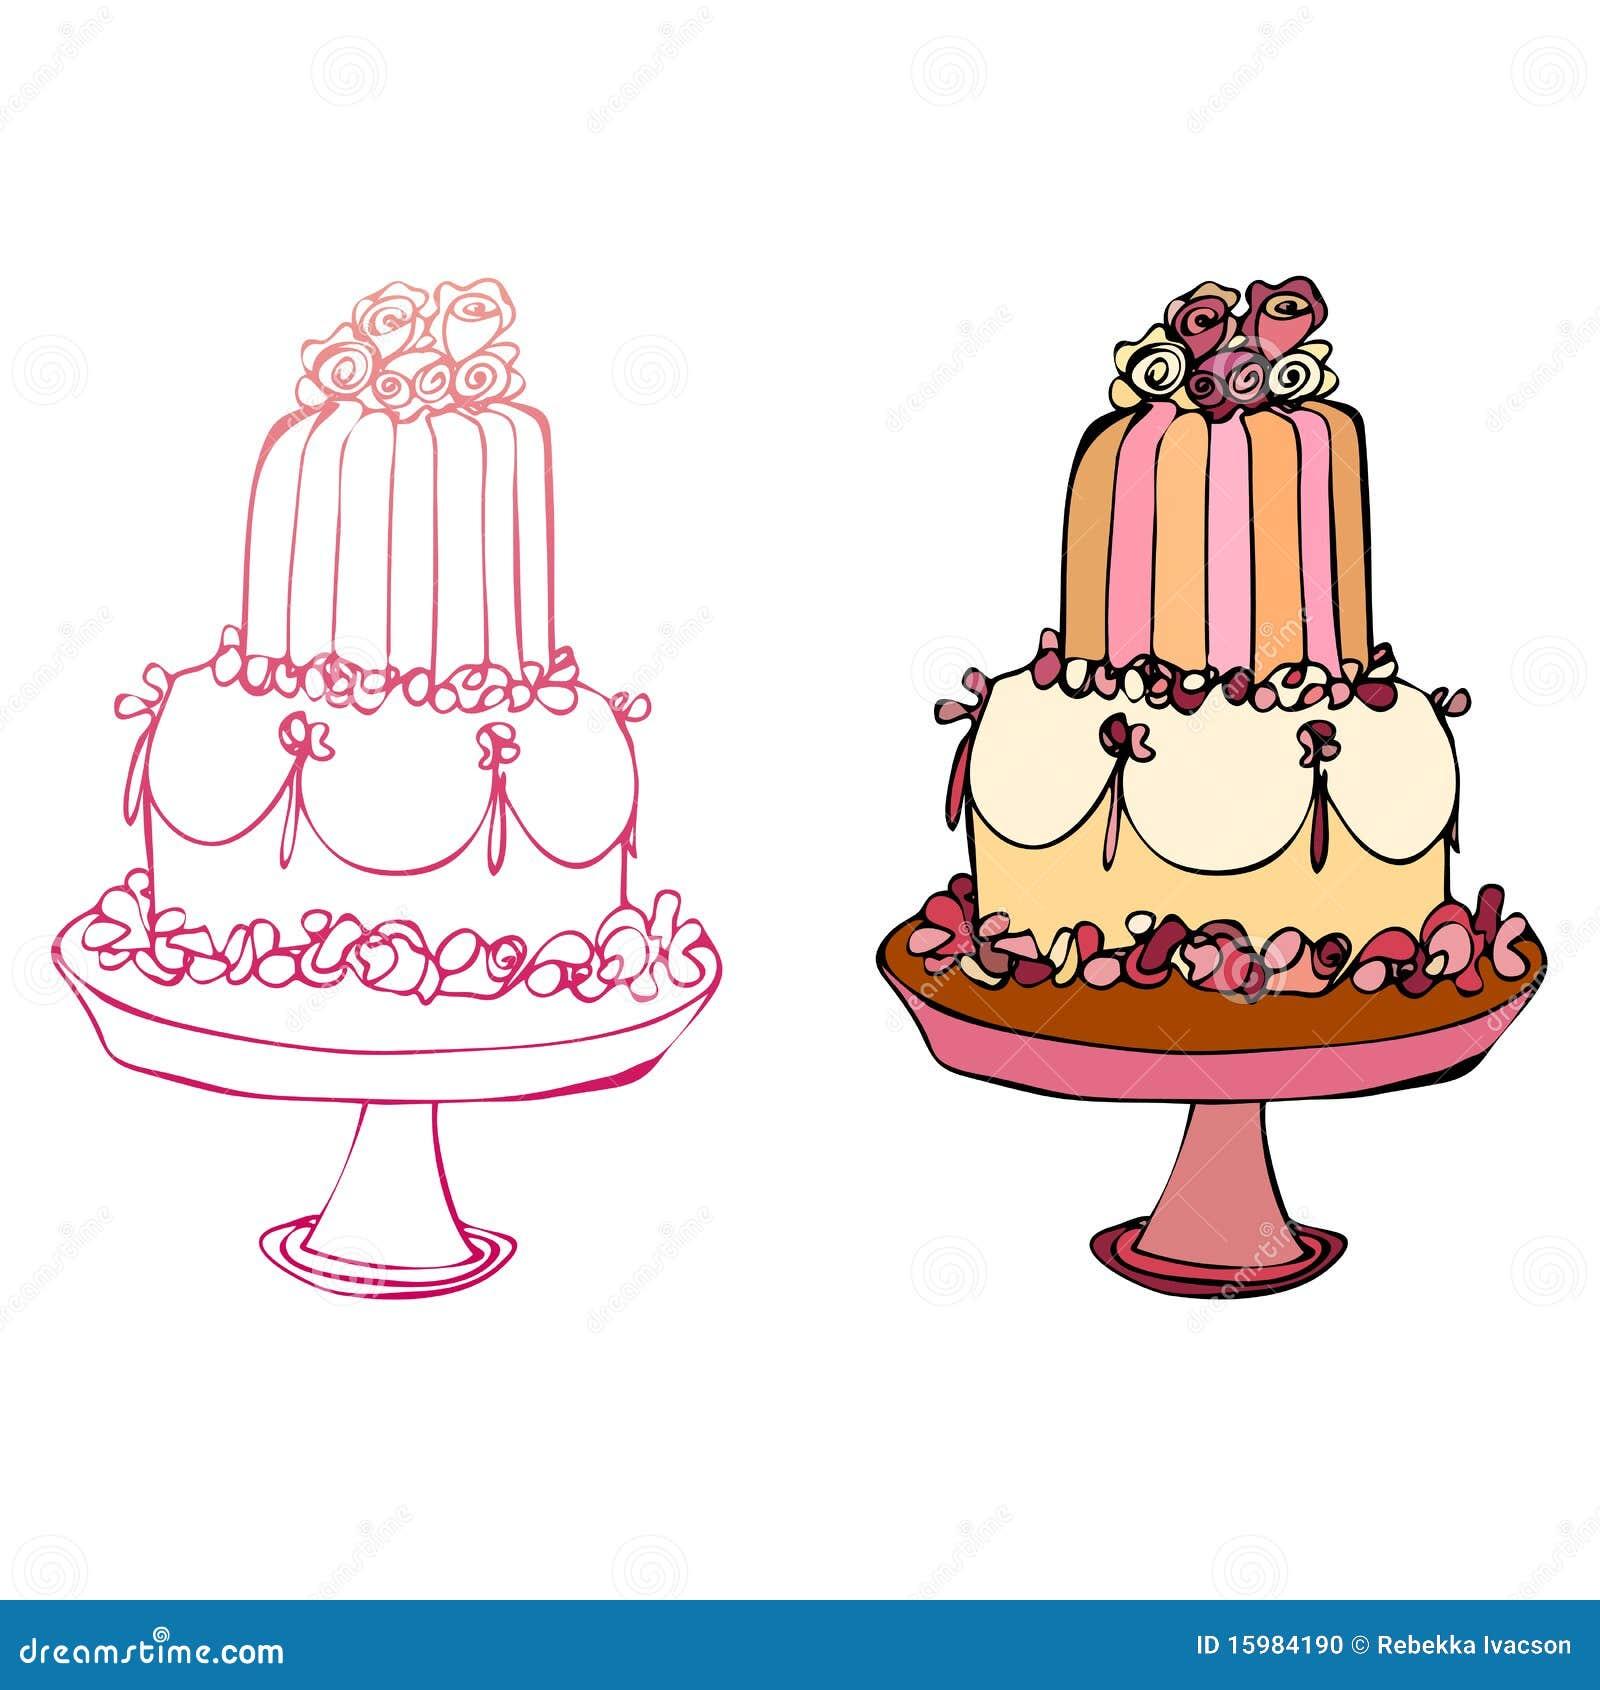 Illustrated Cake Stock Photo Image 15984190